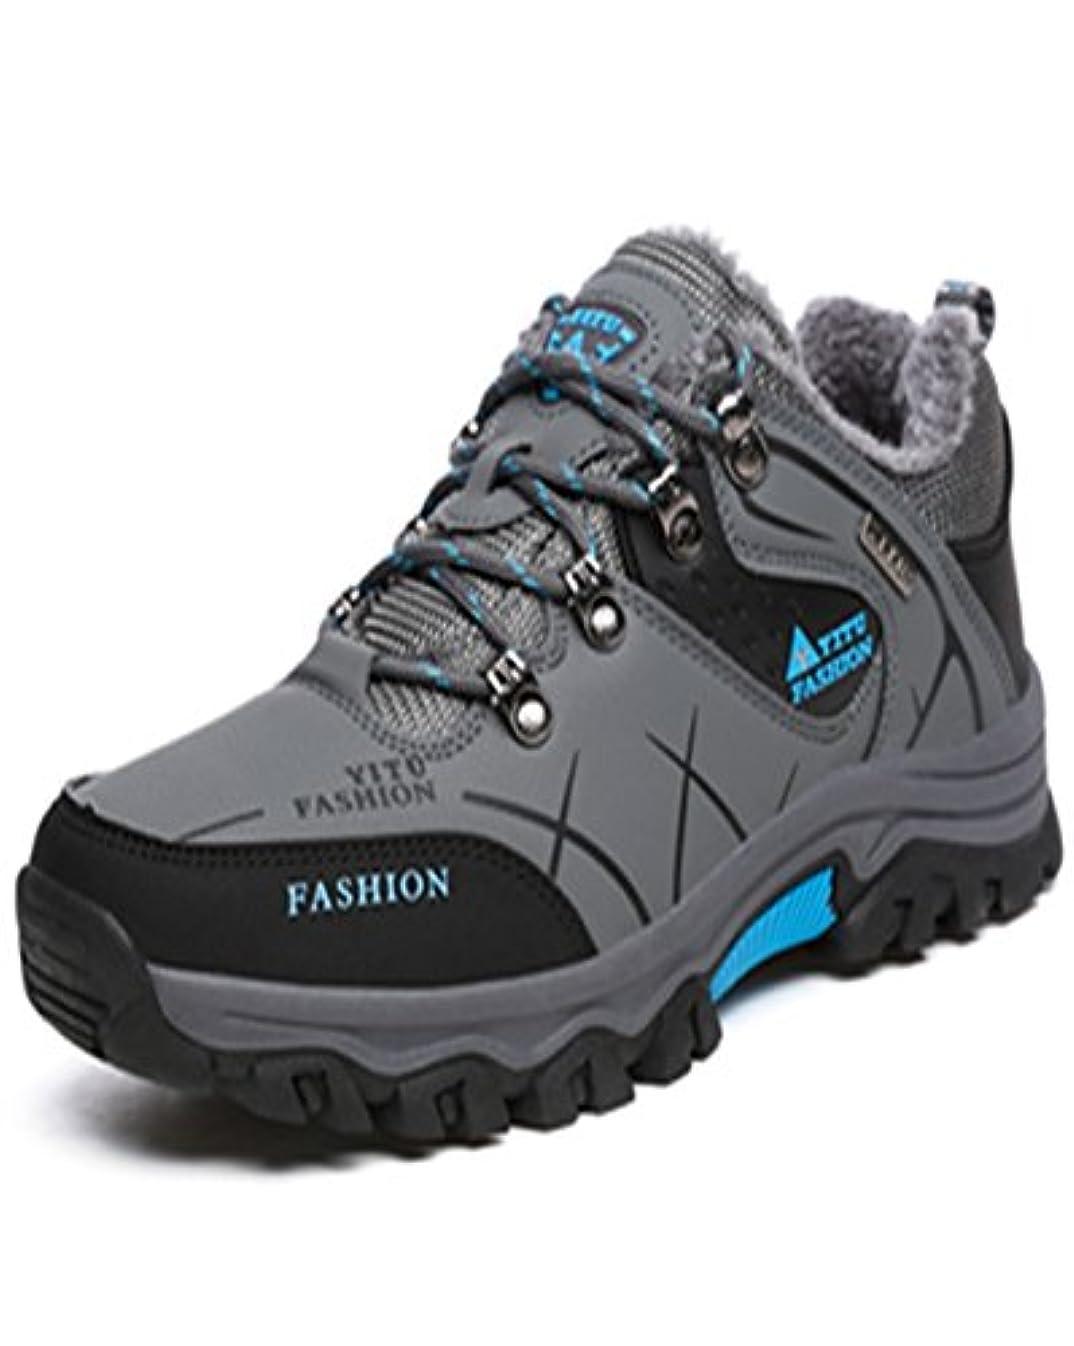 トランペット一部津波トレッキングシューズ 登山靴 メンズ  ハイキングシューズ 防水 防滑 ウォーキングシューズ アウトドア トラベル ハイカット キャンプ シューズ 暖かい靴 大きいサイズ クッション性/通気性  グレー裏起毛 26.5CM